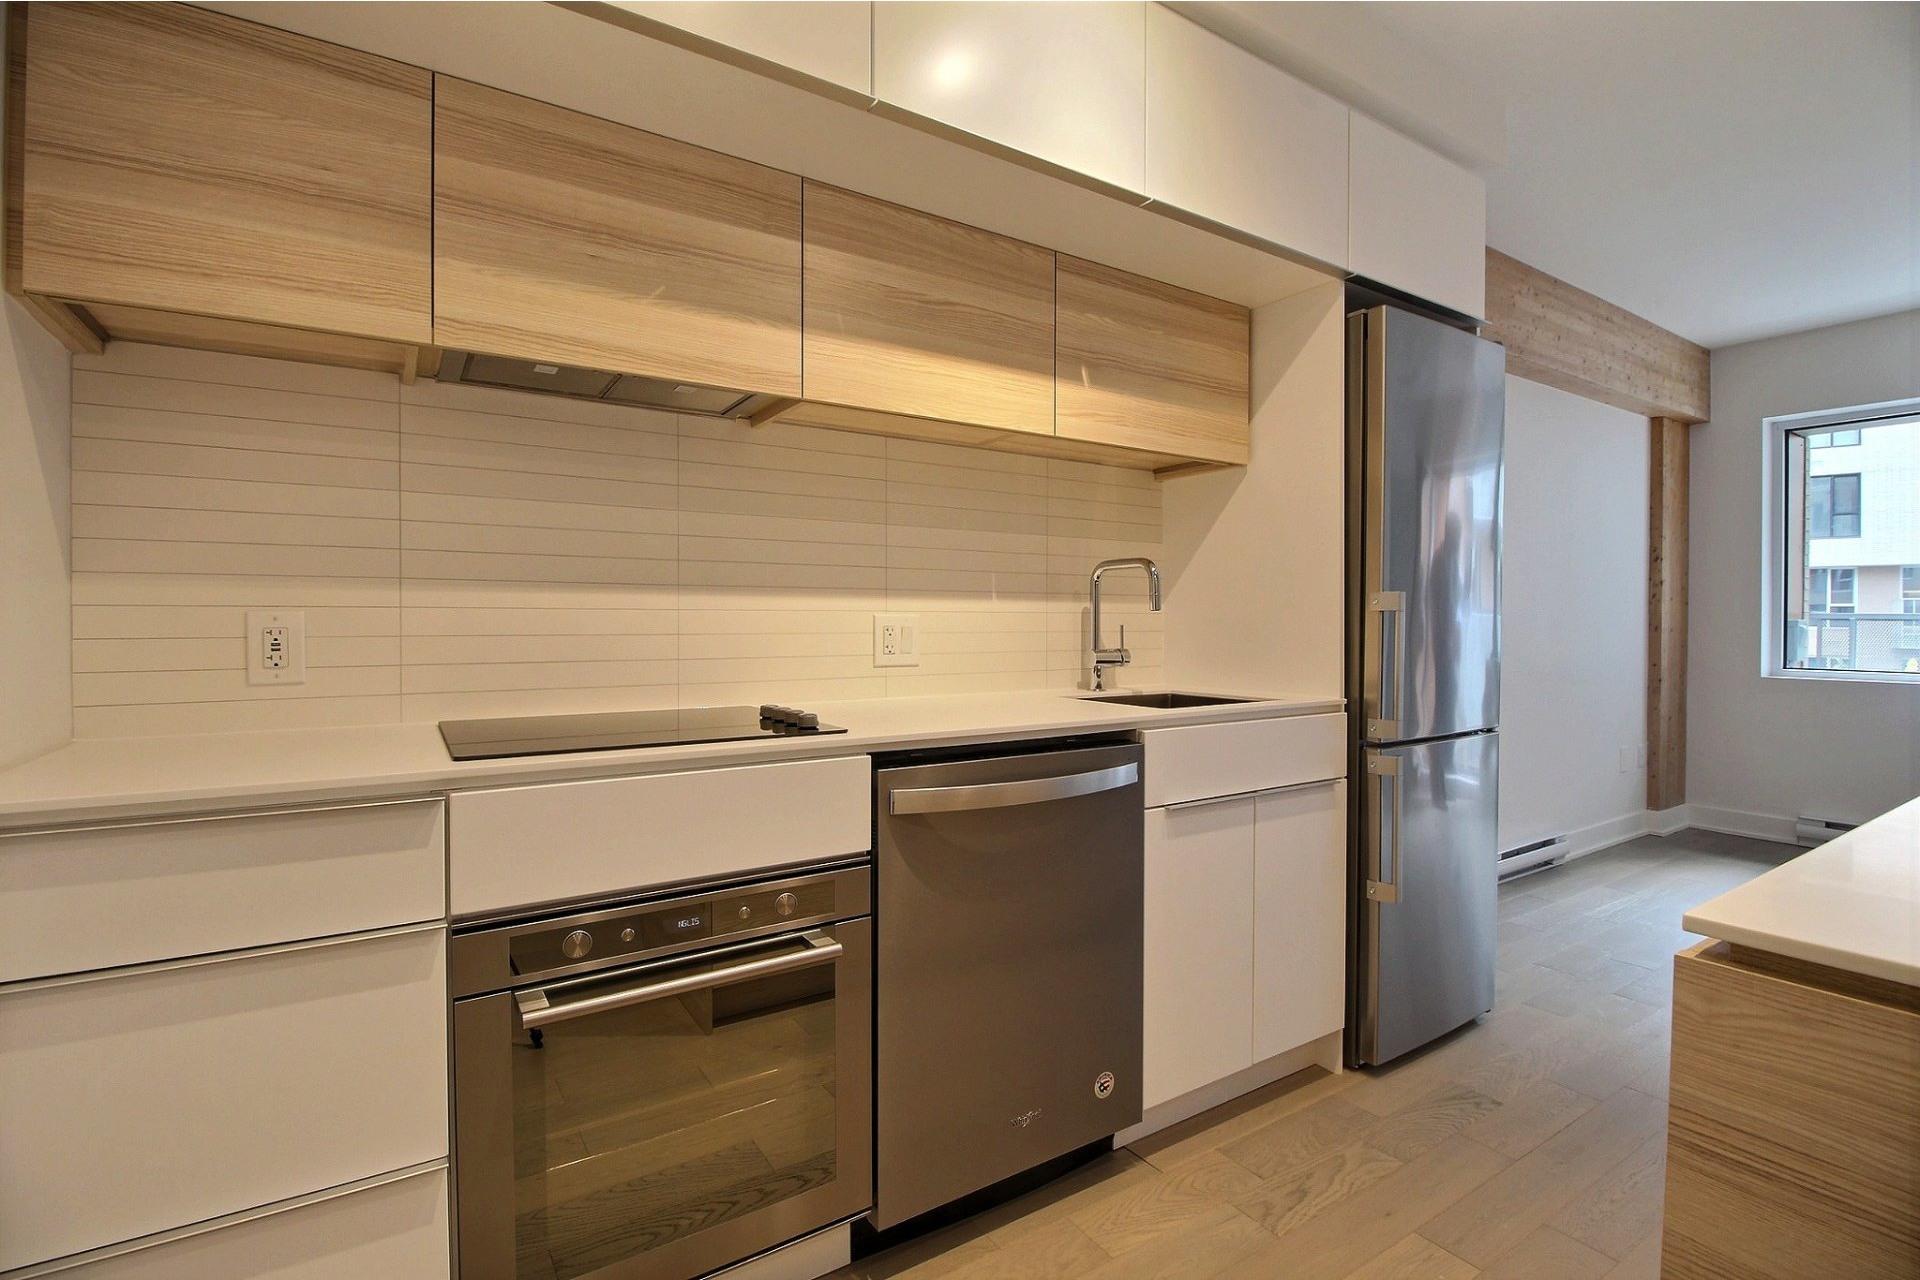 image 3 - Apartment For rent Montréal Le Sud-Ouest  - 4 rooms